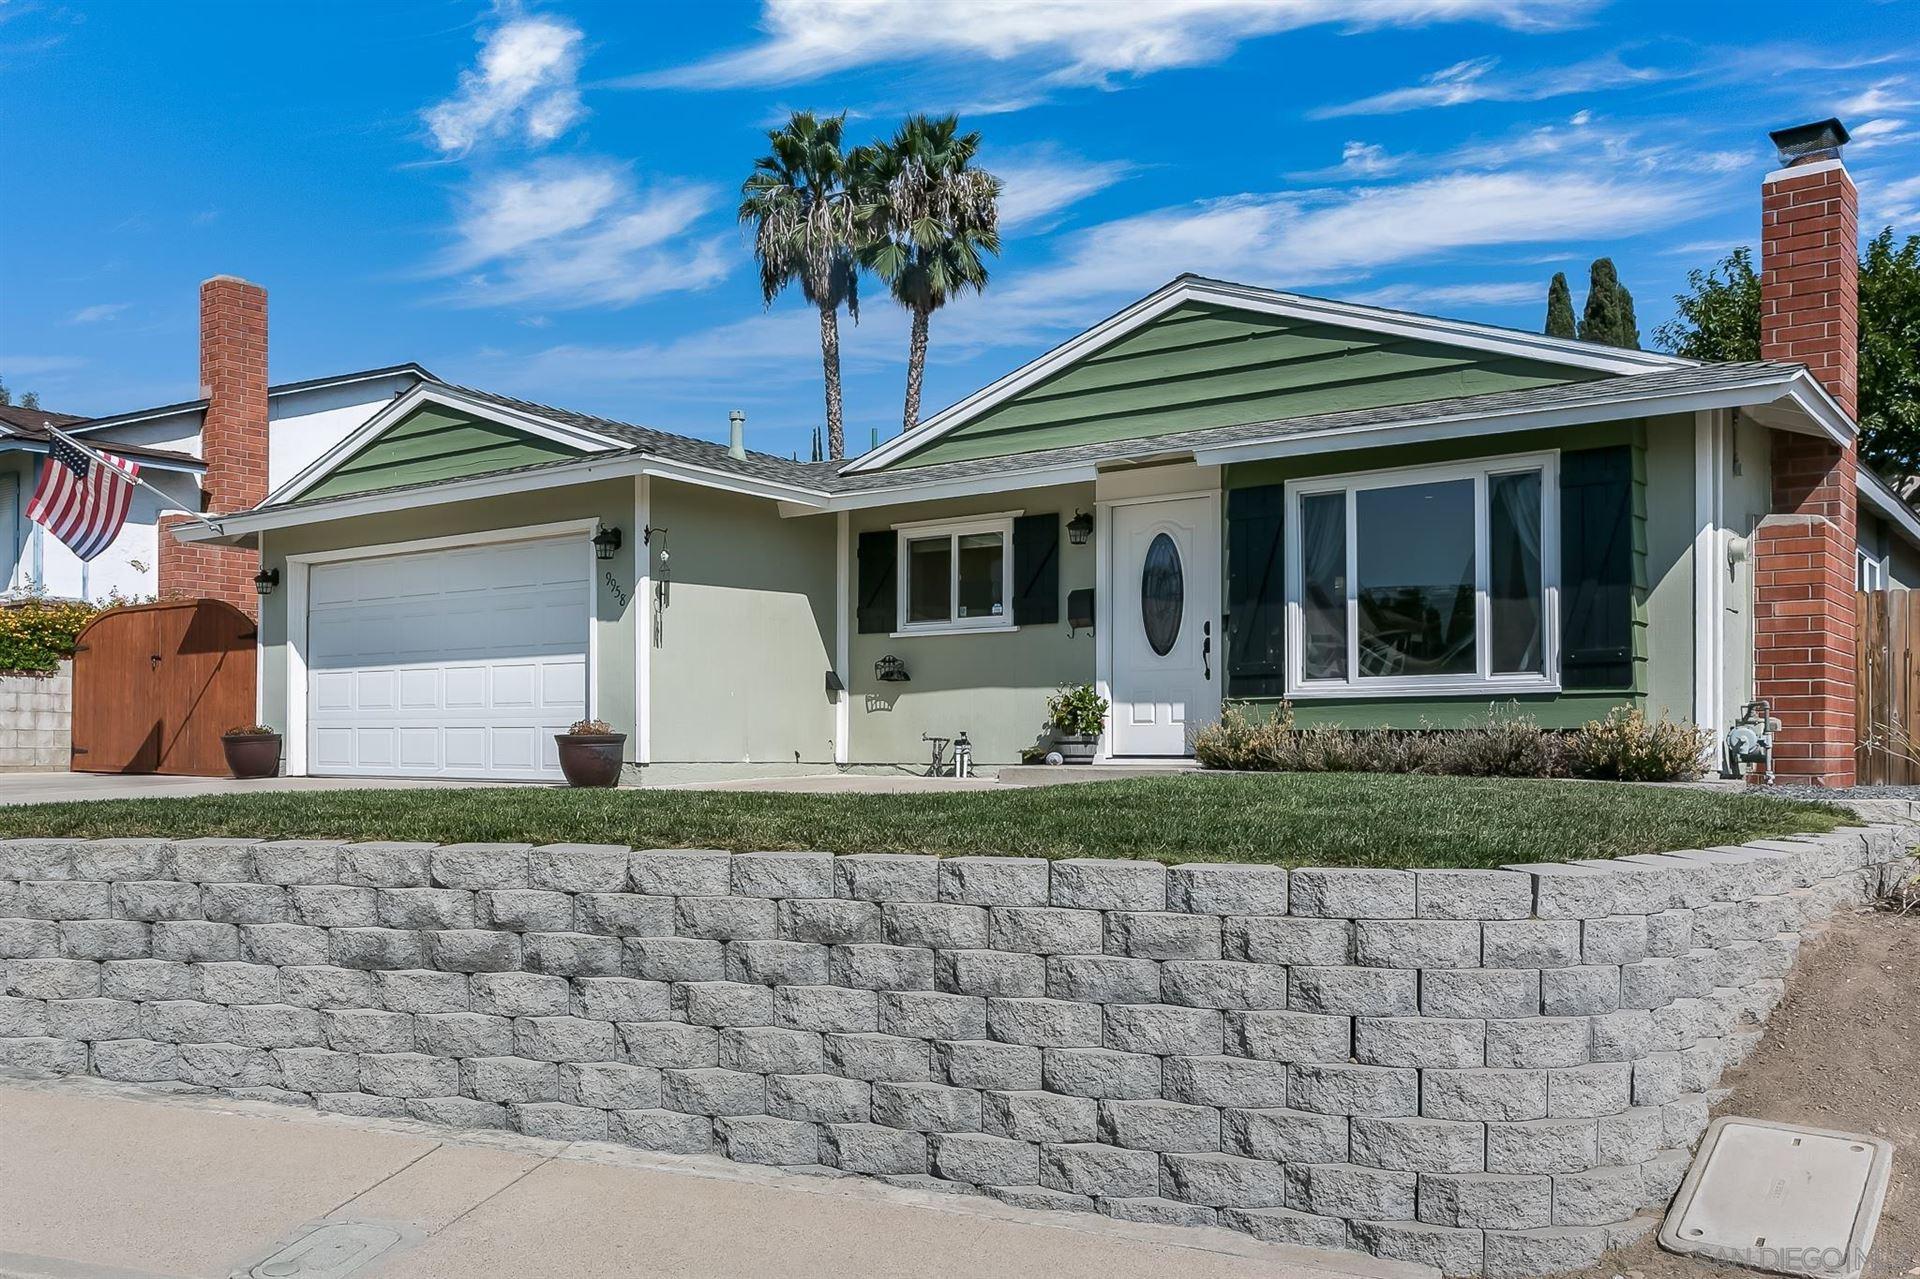 Photo of 9958 Golden West Ln, Santee, CA 92071 (MLS # 210026327)